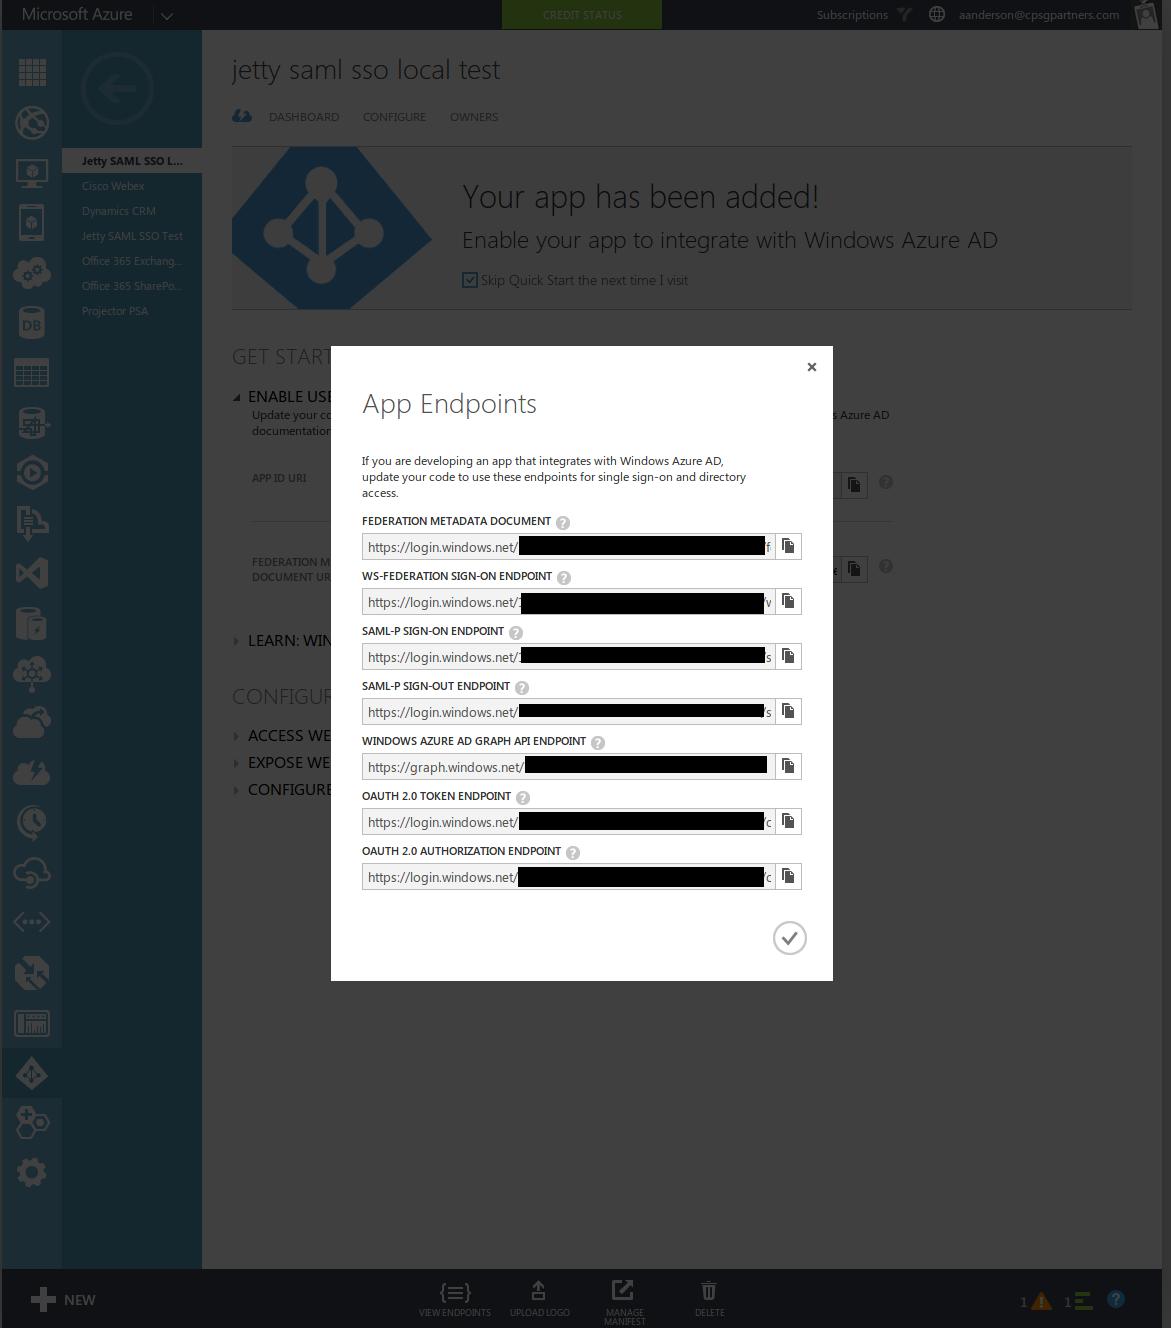 Aaronanderson/waad-saml: SAML Request Binding